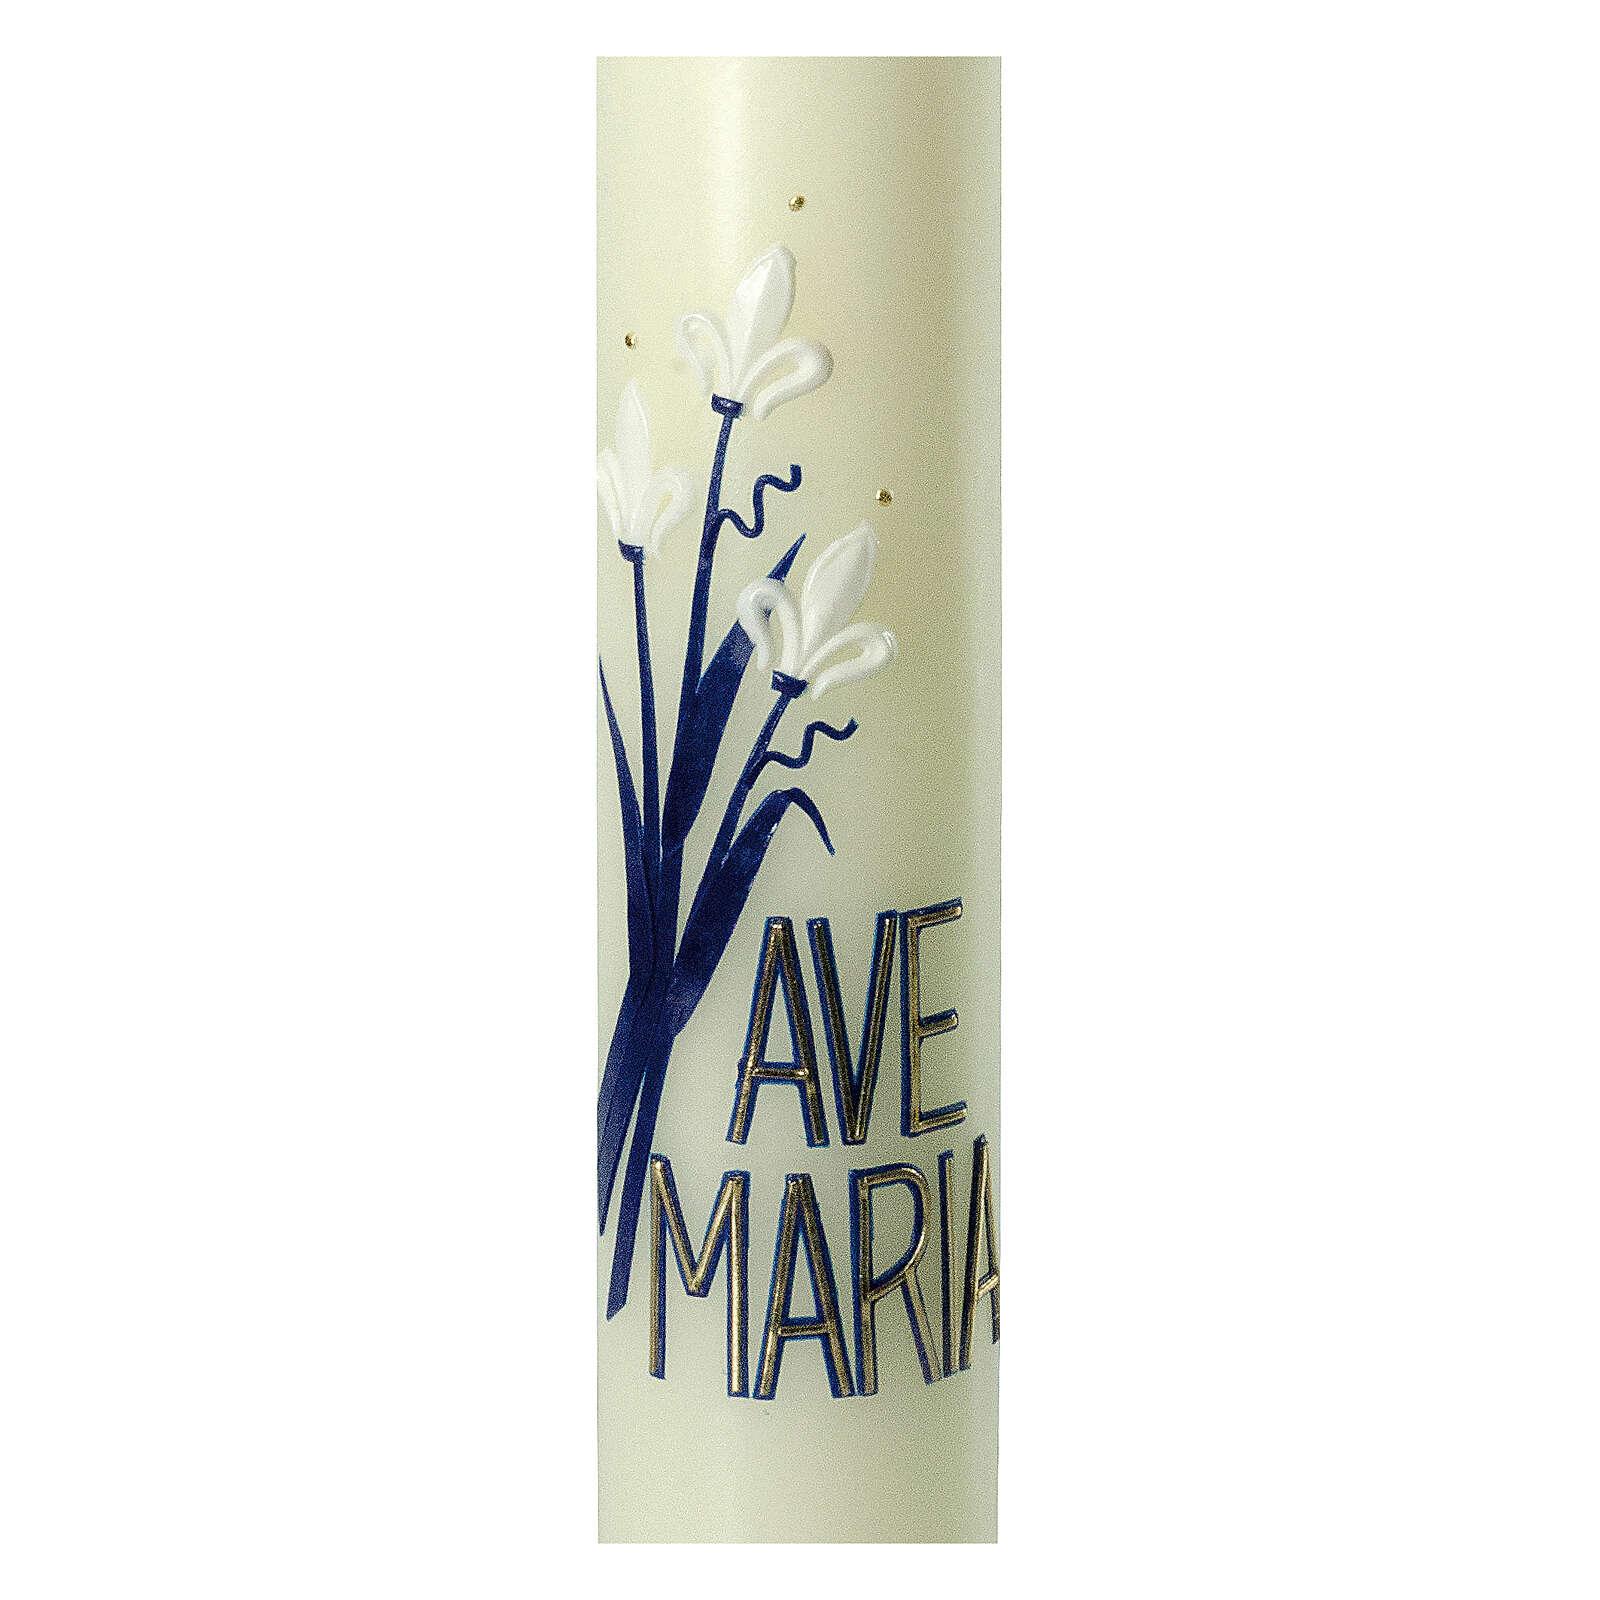 Kerze Ave Maria mit weißen Lilien, 400x60 mm 3